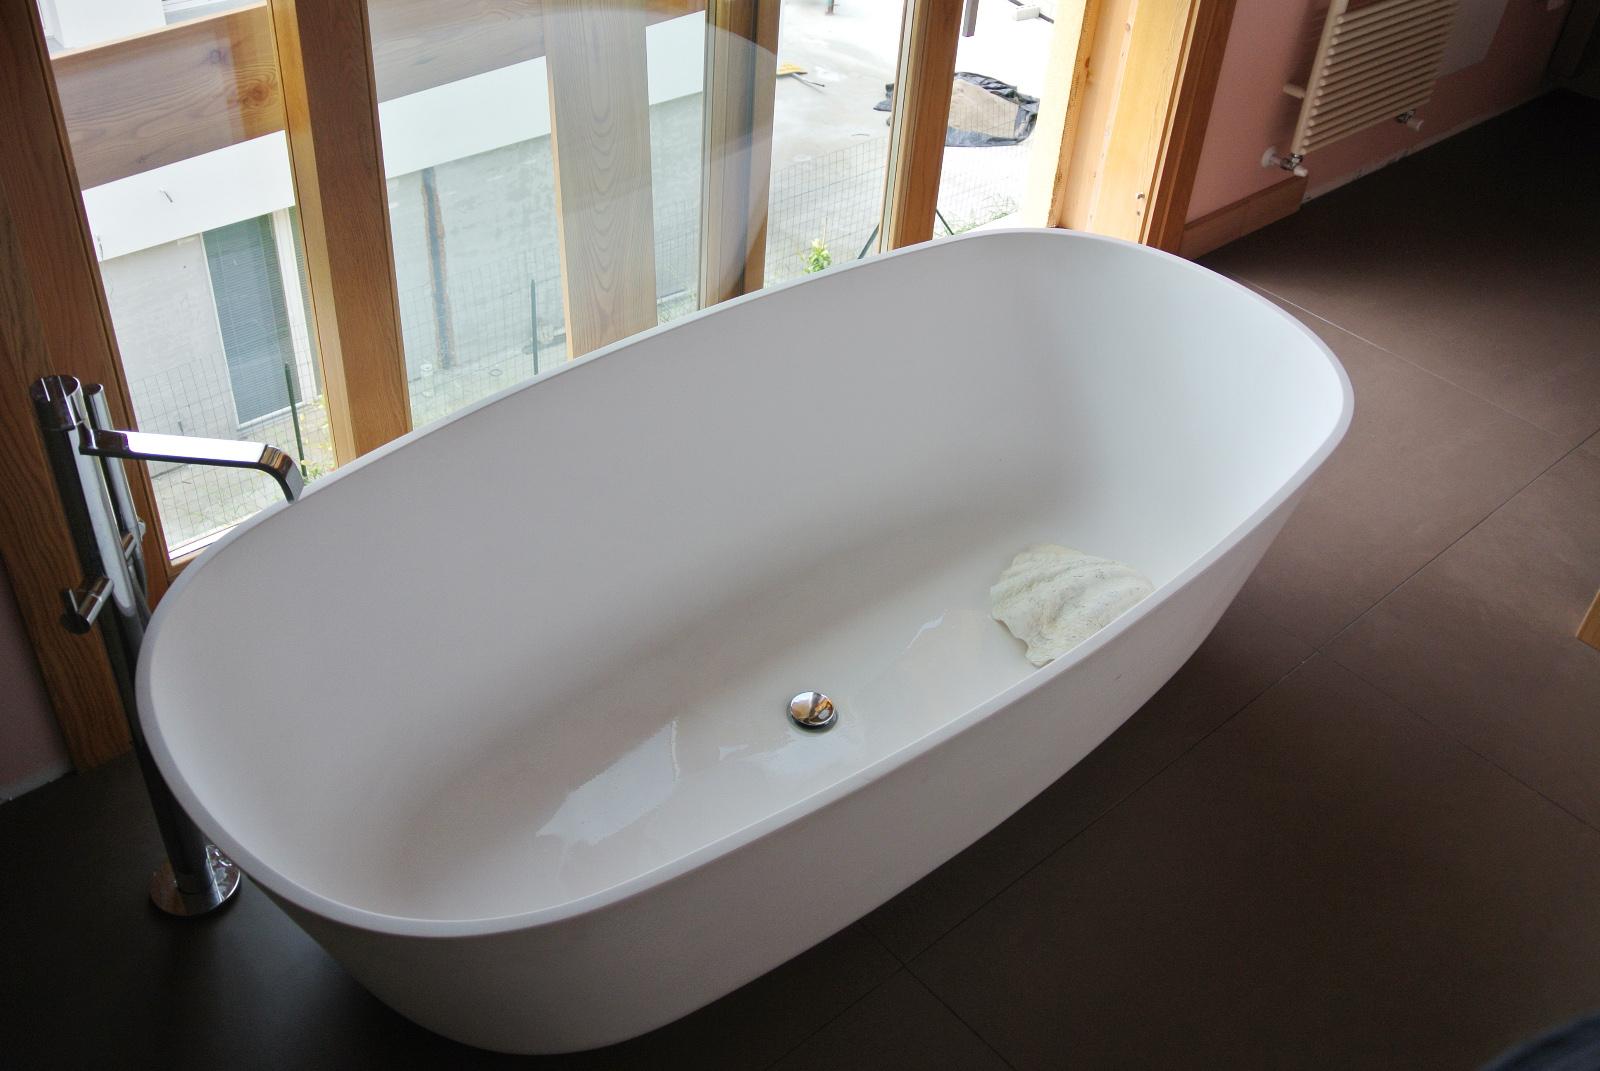 sintesibagno7bisss-verbania-lago-maggiore-svizzera-arredobagno-canton-ticino-bagno-vasca-centro-stanza-lavabo-sfera-cx-catalano